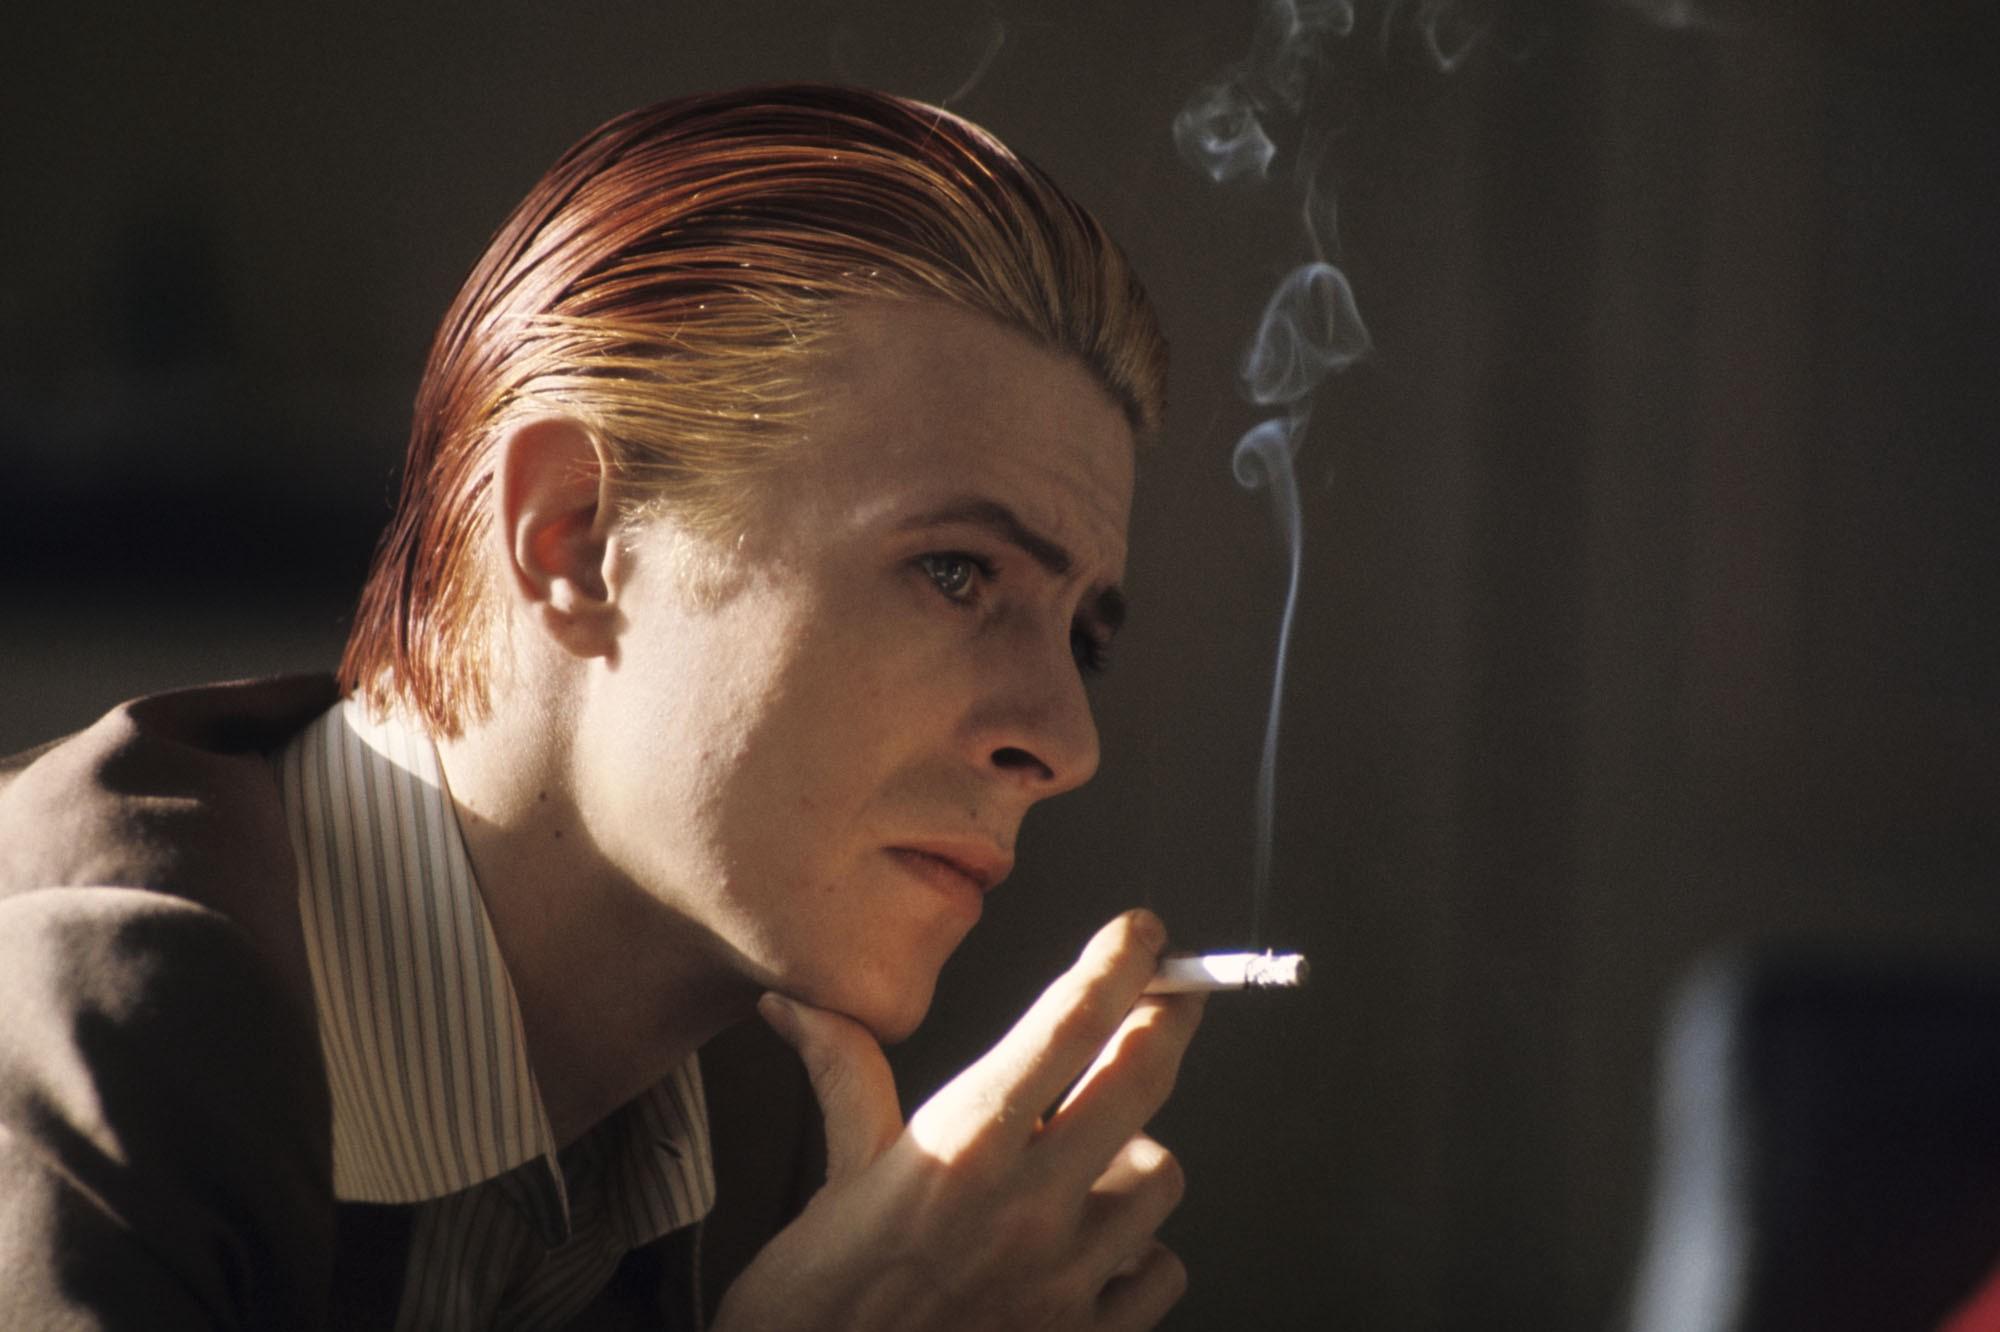 La biopic de Bowie avanza a pesar de la familia del músico - Radio Cantilo